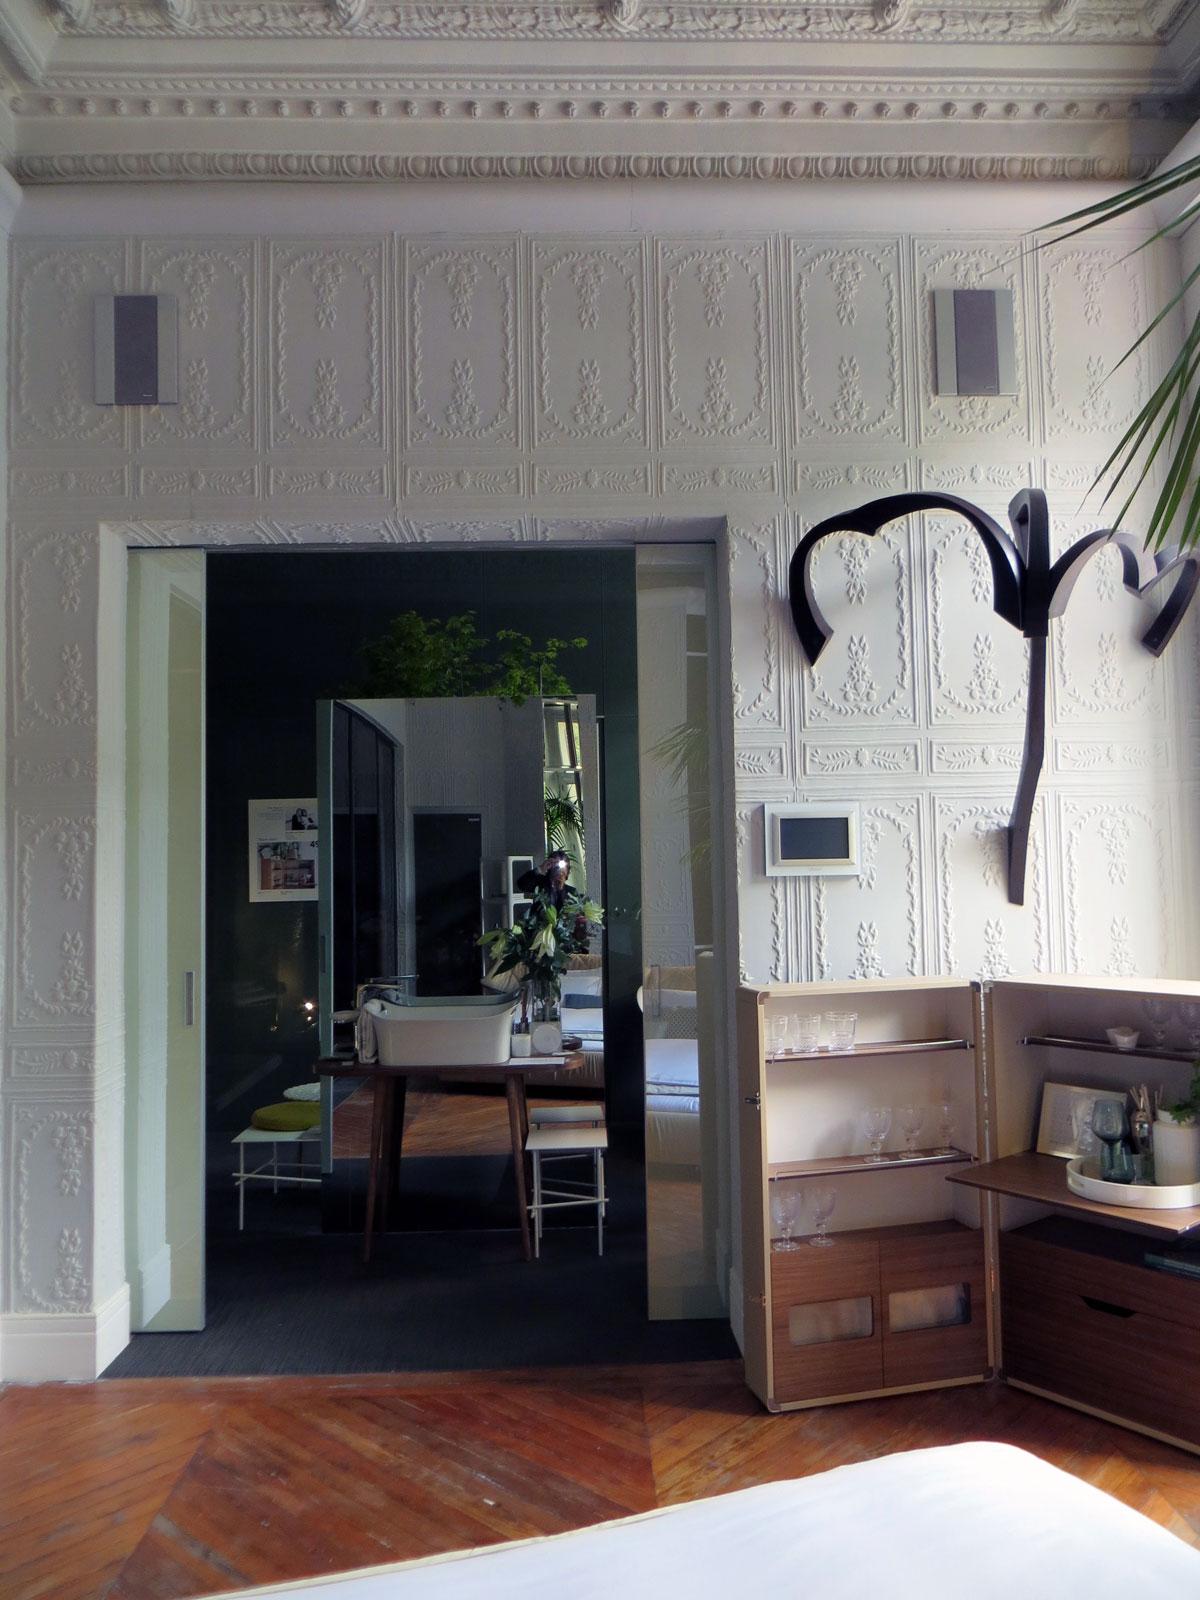 Isolina.Mallon.Interior.CasaDecorMadrid6.jpg